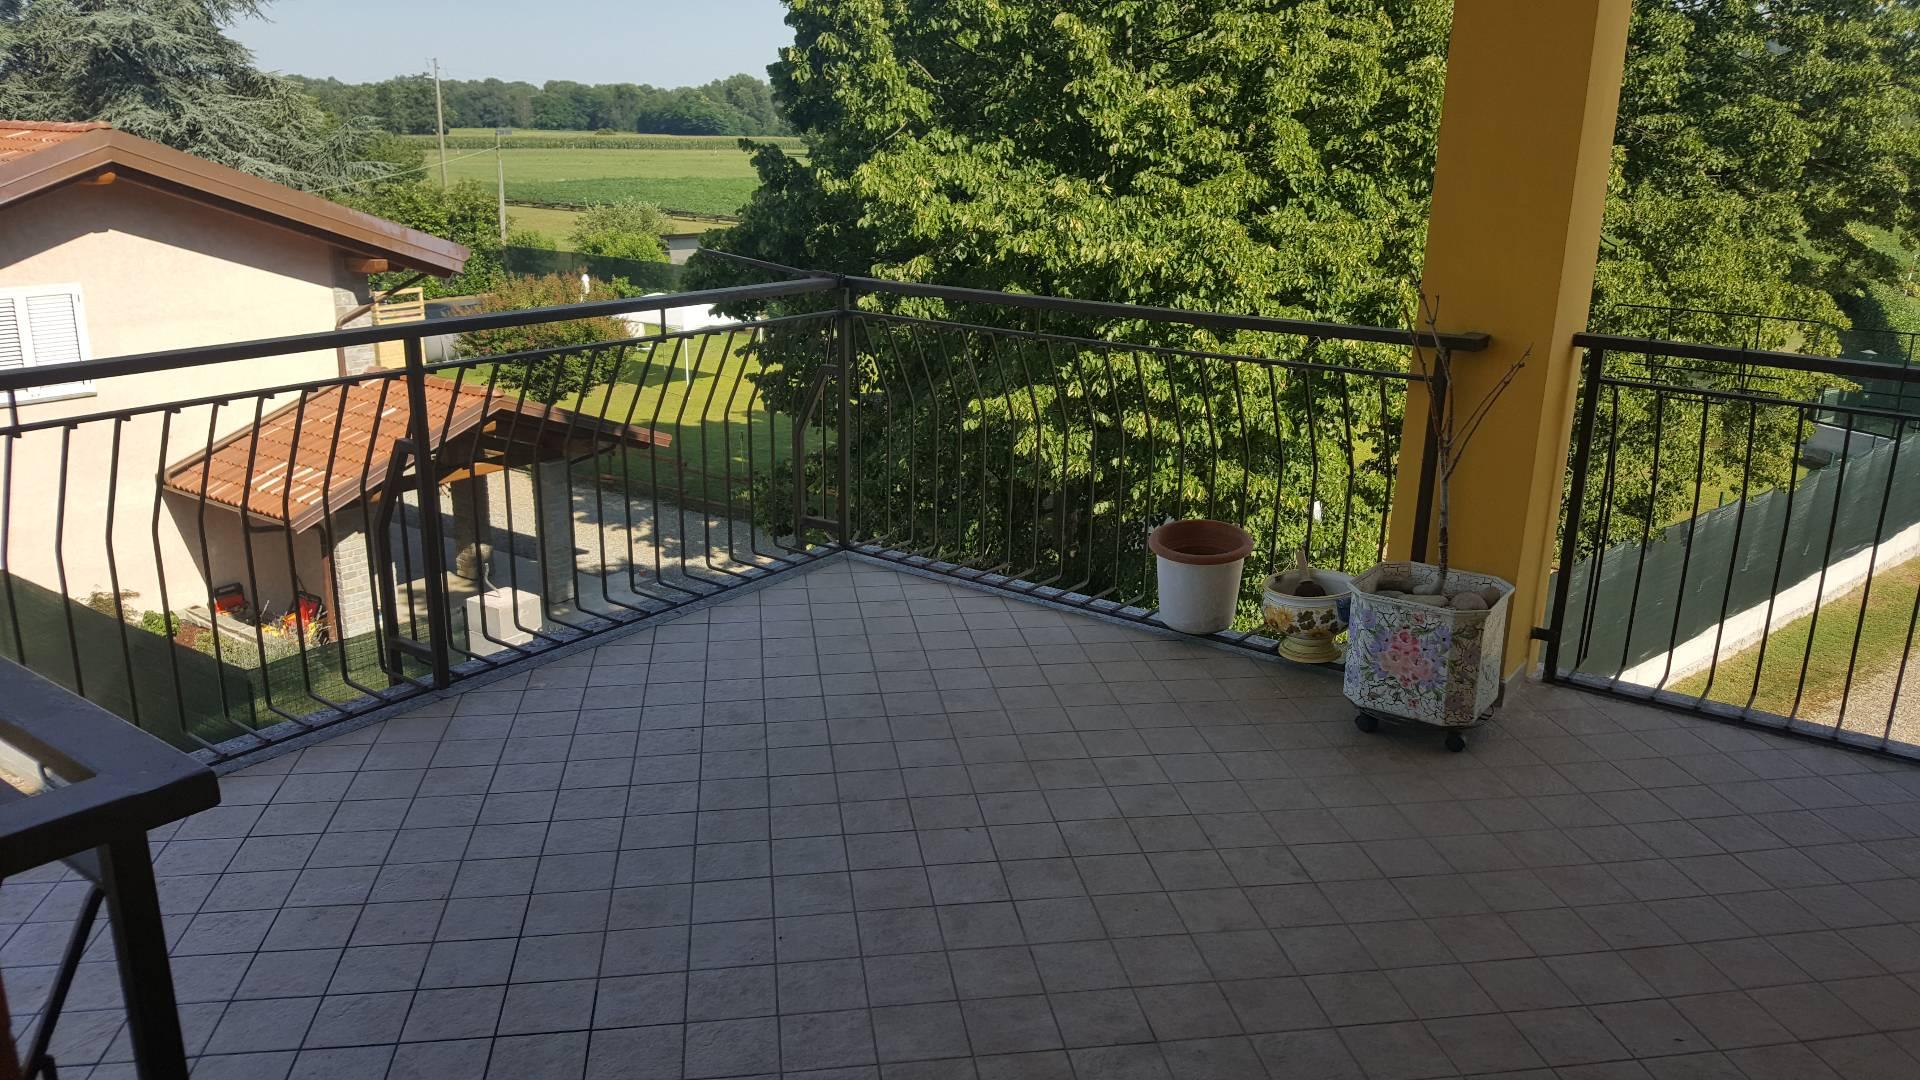 Appartamento in Vendita a Cerrione:  4 locali, 100 mq  - Foto 1